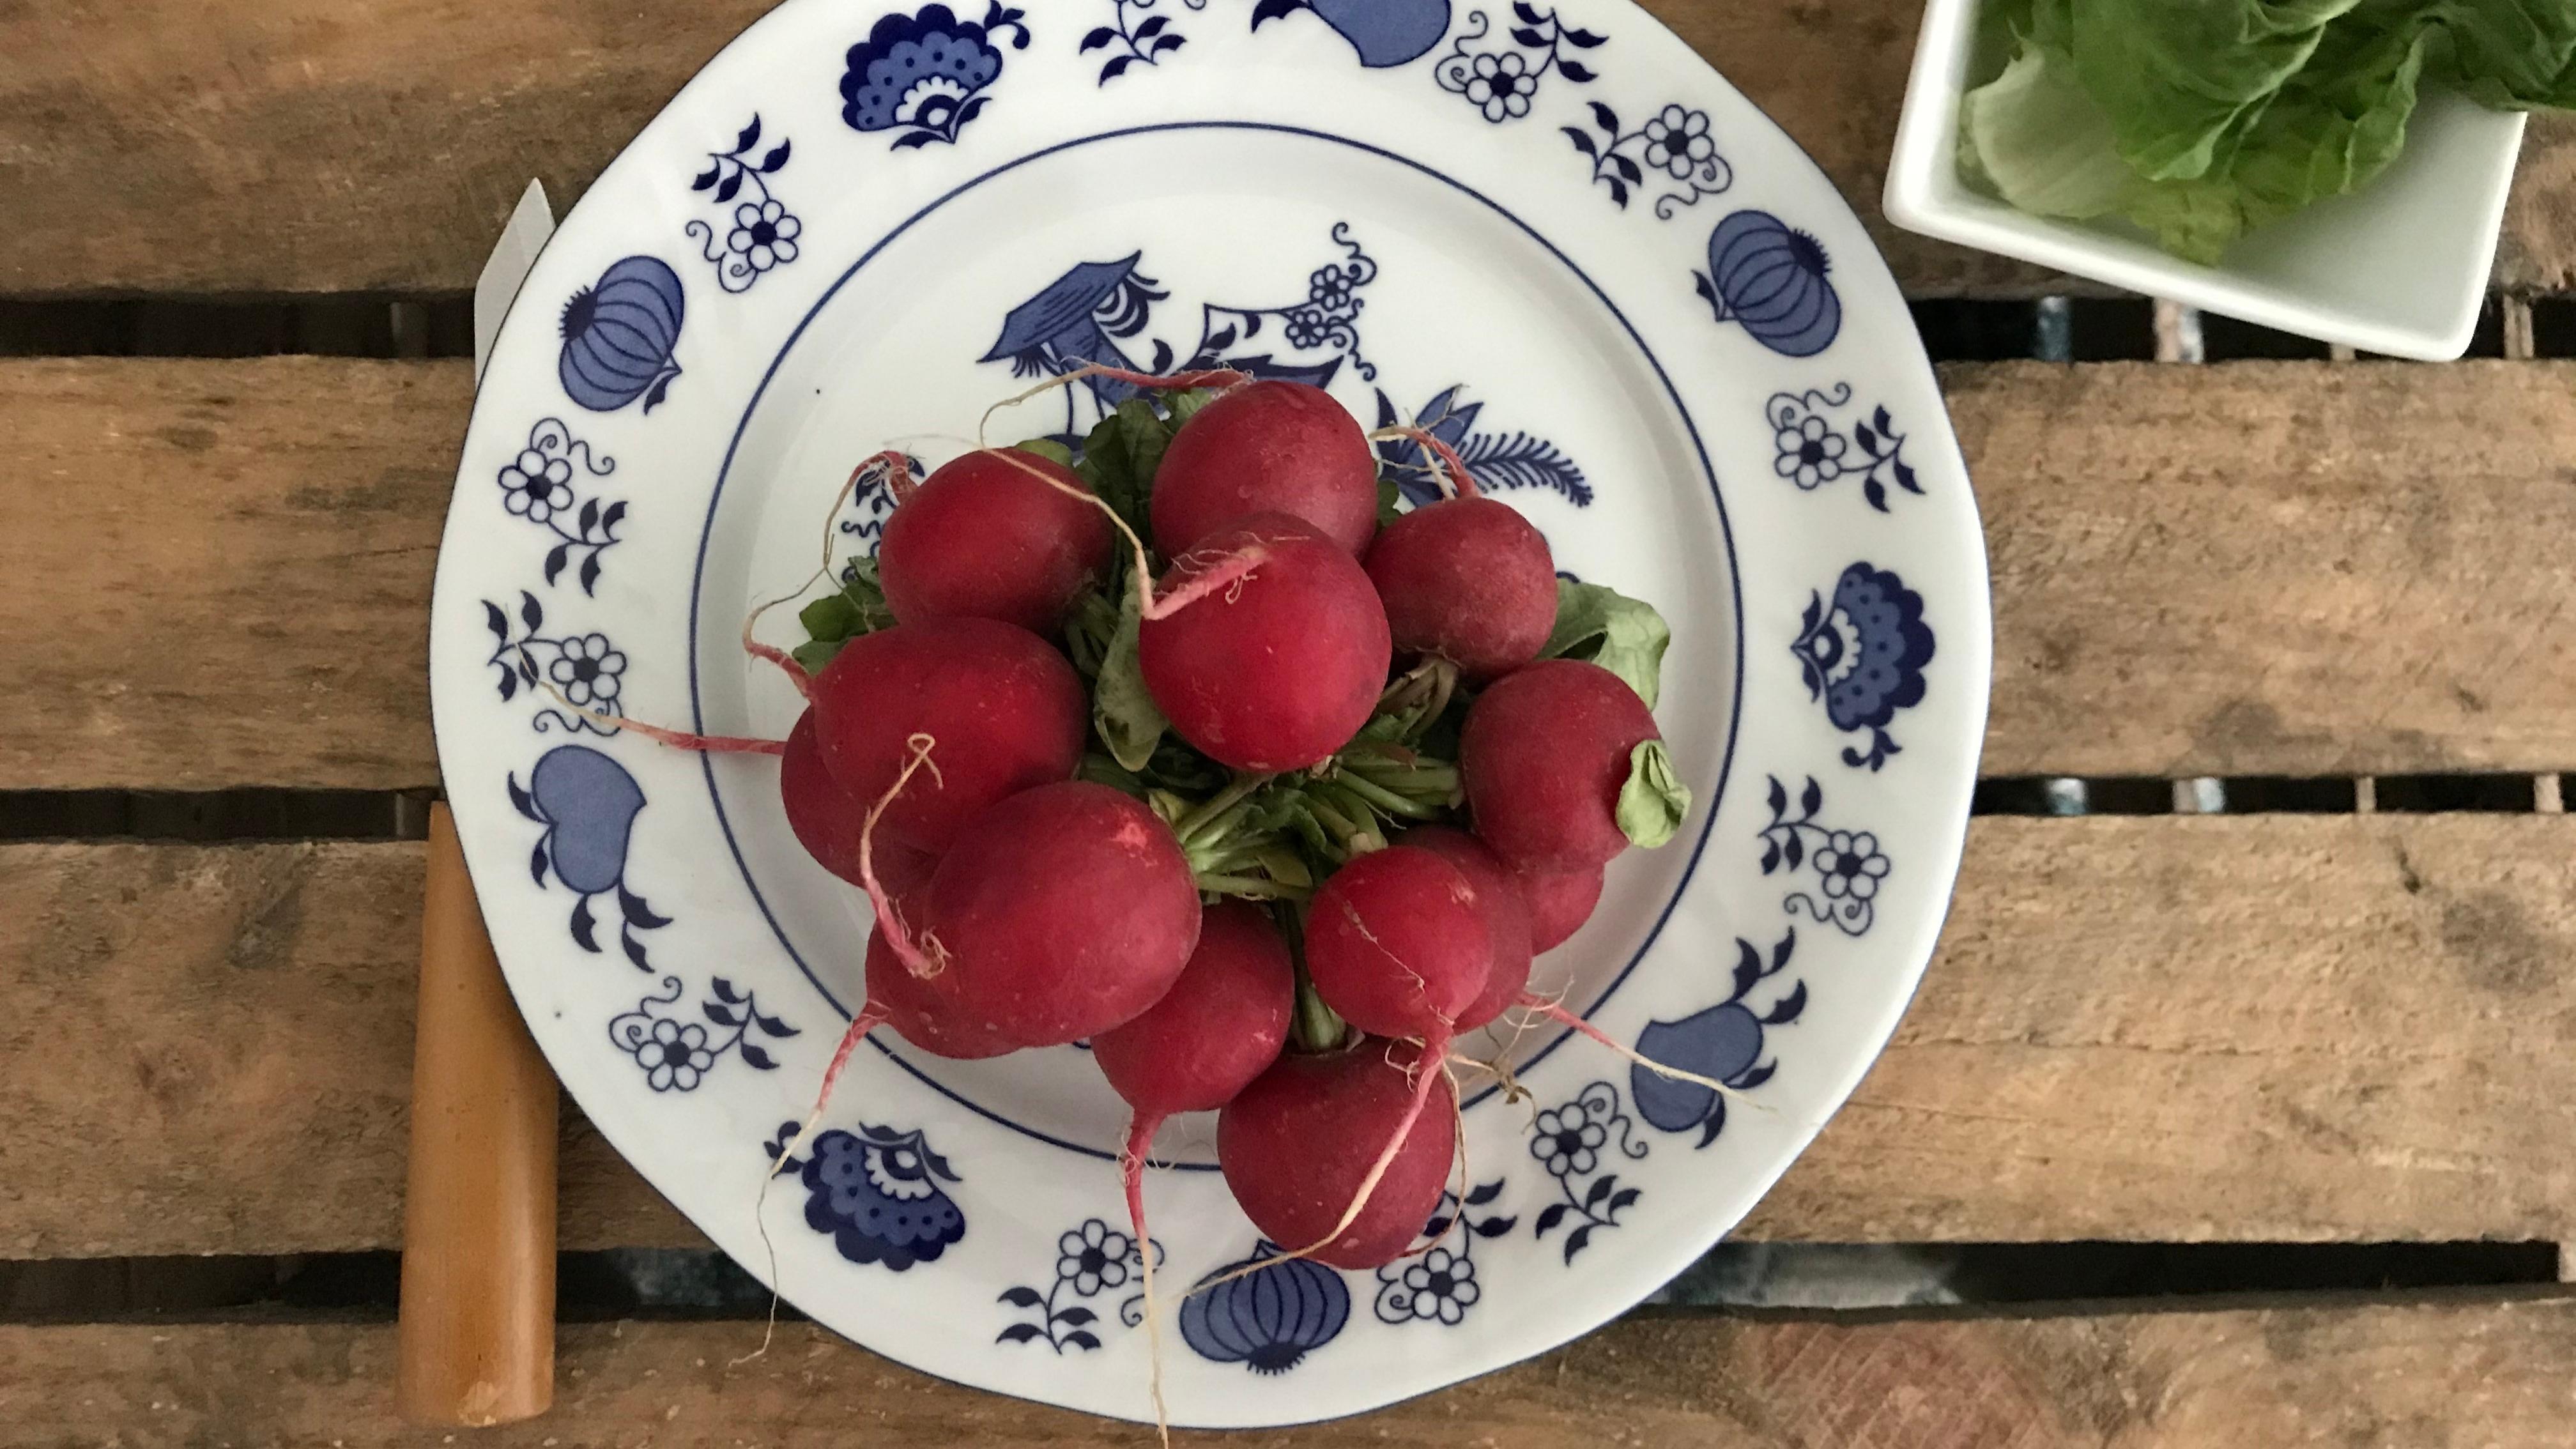 Besonders lecker sind Radieschen in einem Salat, als Brotbelag oder als gesunder Knabberspaß für zwischendurch. (Foto: Laura Buschhaus/BUND BW)